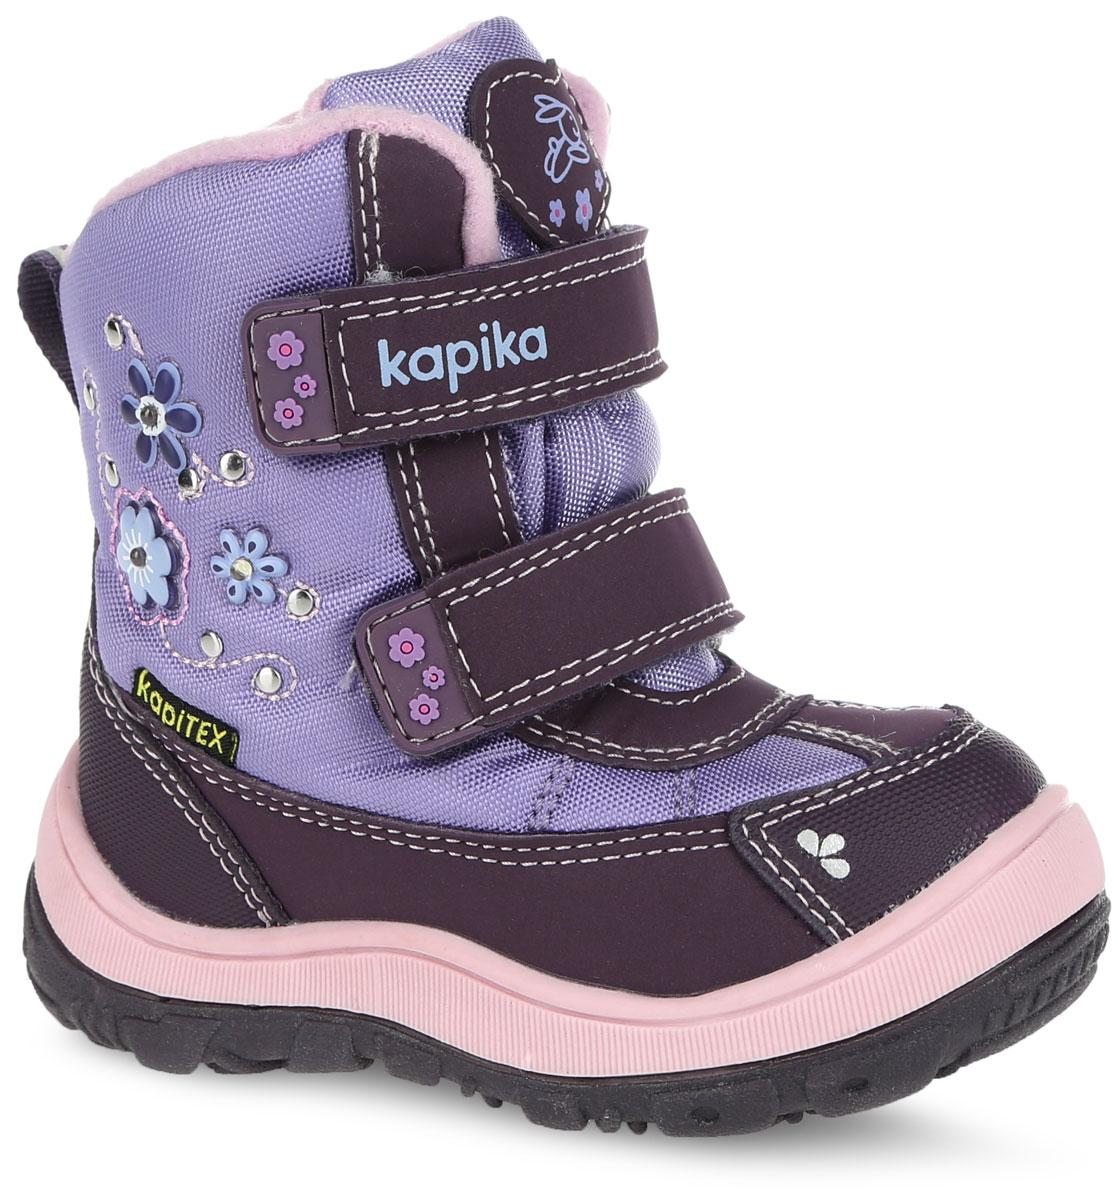 41136-1Стильные ботинки от Kapika заинтересуют вашу юную модницу с первого взгляда. Ботинки выполнены из искусственной кожи и плотного текстиля. Модель оформлена декоративными элементами в виде цветков. Передняя и задняя части дополнены накладками для уменьшения износа обуви. Модель фиксируется на ноге с помощью удобных ремешков с застежками-липучками, одна из которых оформлена надписью с названием фирмы. Ярлычок на заднике облегчает надевание обуви. Мягкий манжет и внутренняя поверхность из текстиля создают комфорт при ходьбе и предотвращают натирание ножки ребенка. Подкладка и стелька на 80% состоят из натуральной шерсти и обеспечат ножкам тепло и уют. Подошва изготовлена из прочного и легкого ТЭП-материала, а ее рифленая поверхность гарантирует отличное сцепление с любой поверхностью. Стильные и практичные ботинки займут достойное место в гардеробе вашей девочки.